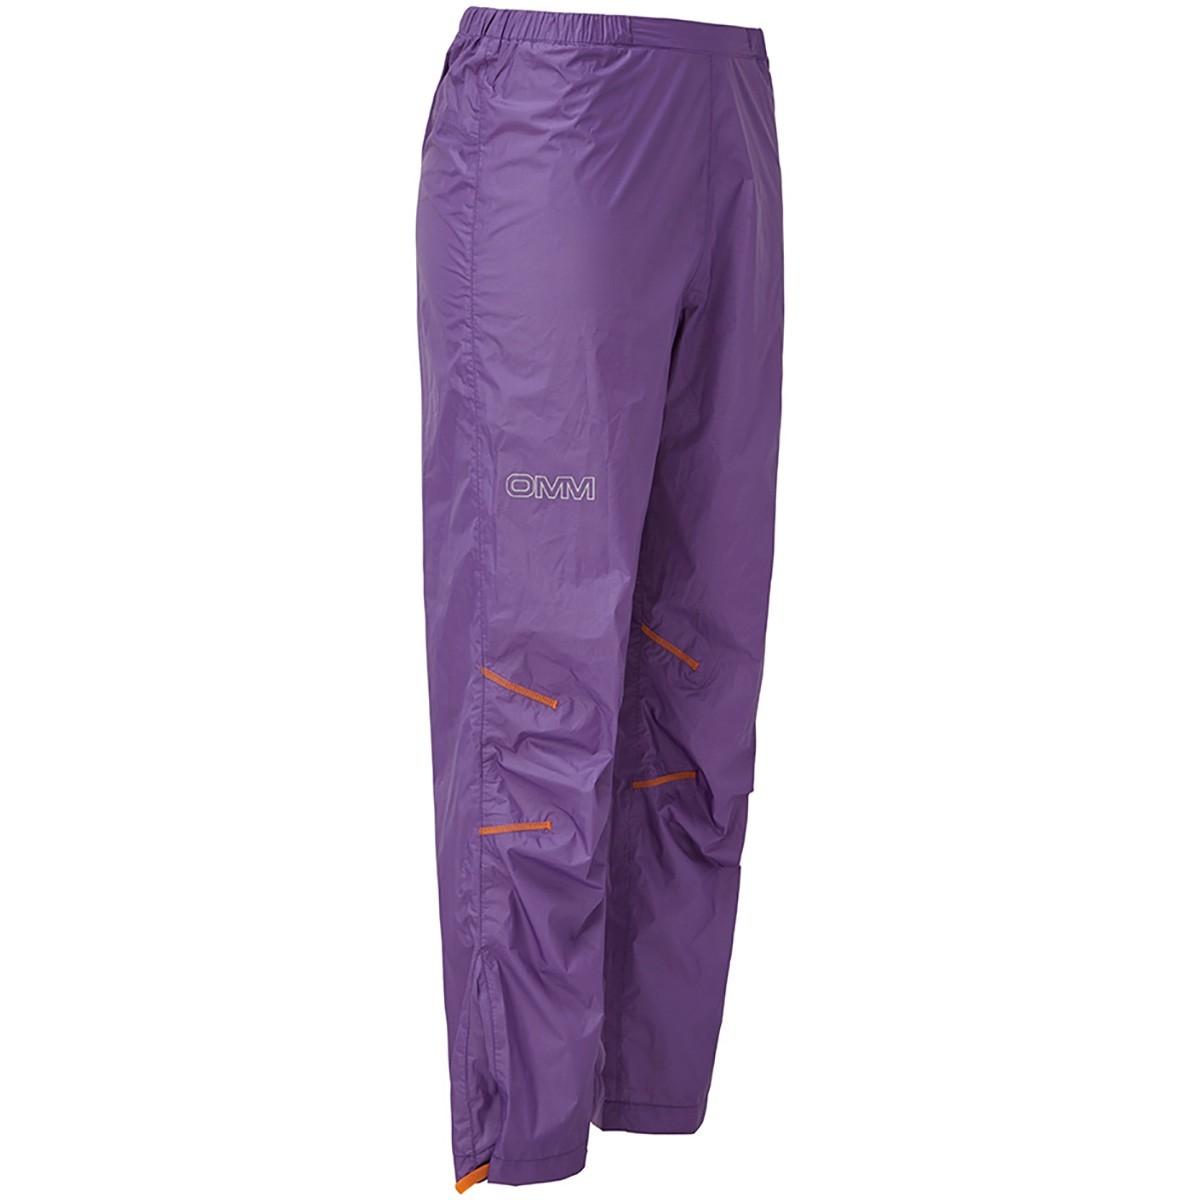 OMM Halo Women's Waterproof Pants - Purple - side